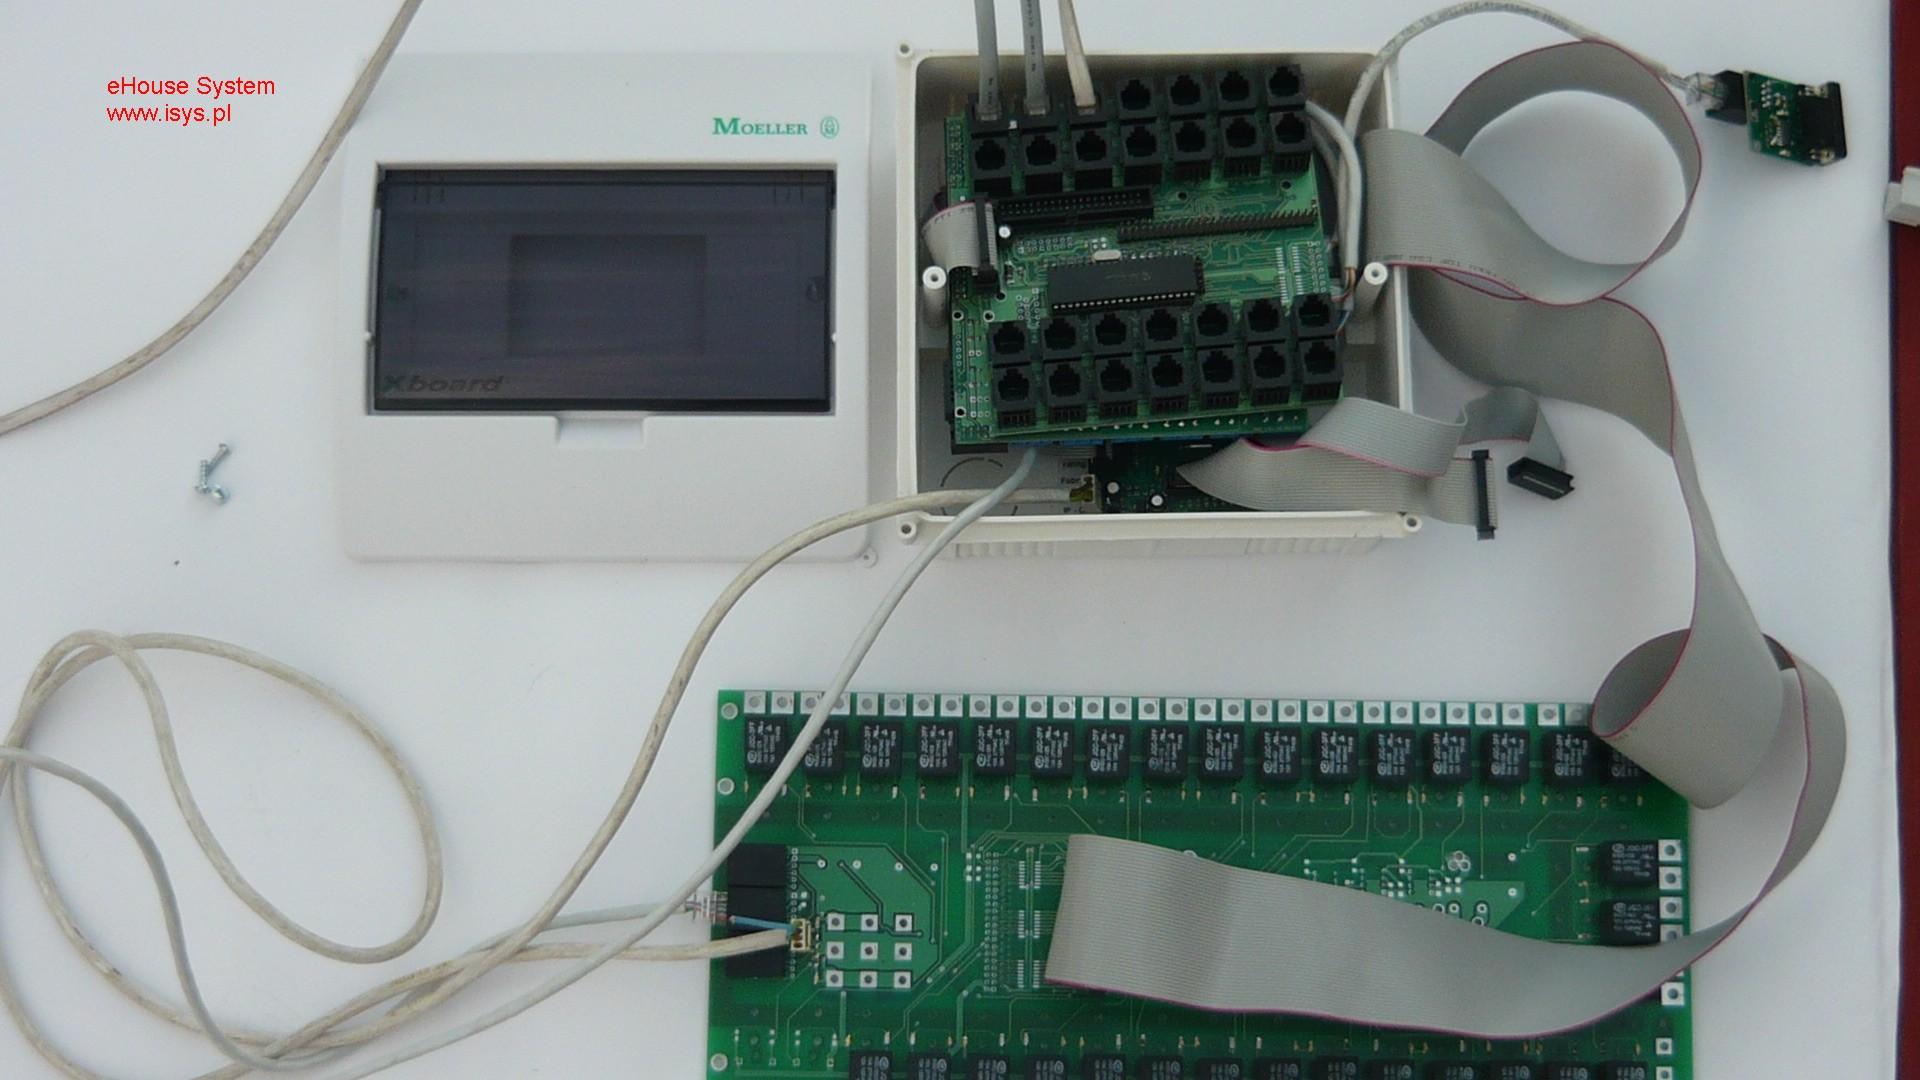 Bâtiment intelligent , ehouse à domicile - Système de sécurité de connexion avec le module de relais et le convertisseur RS232 - 485